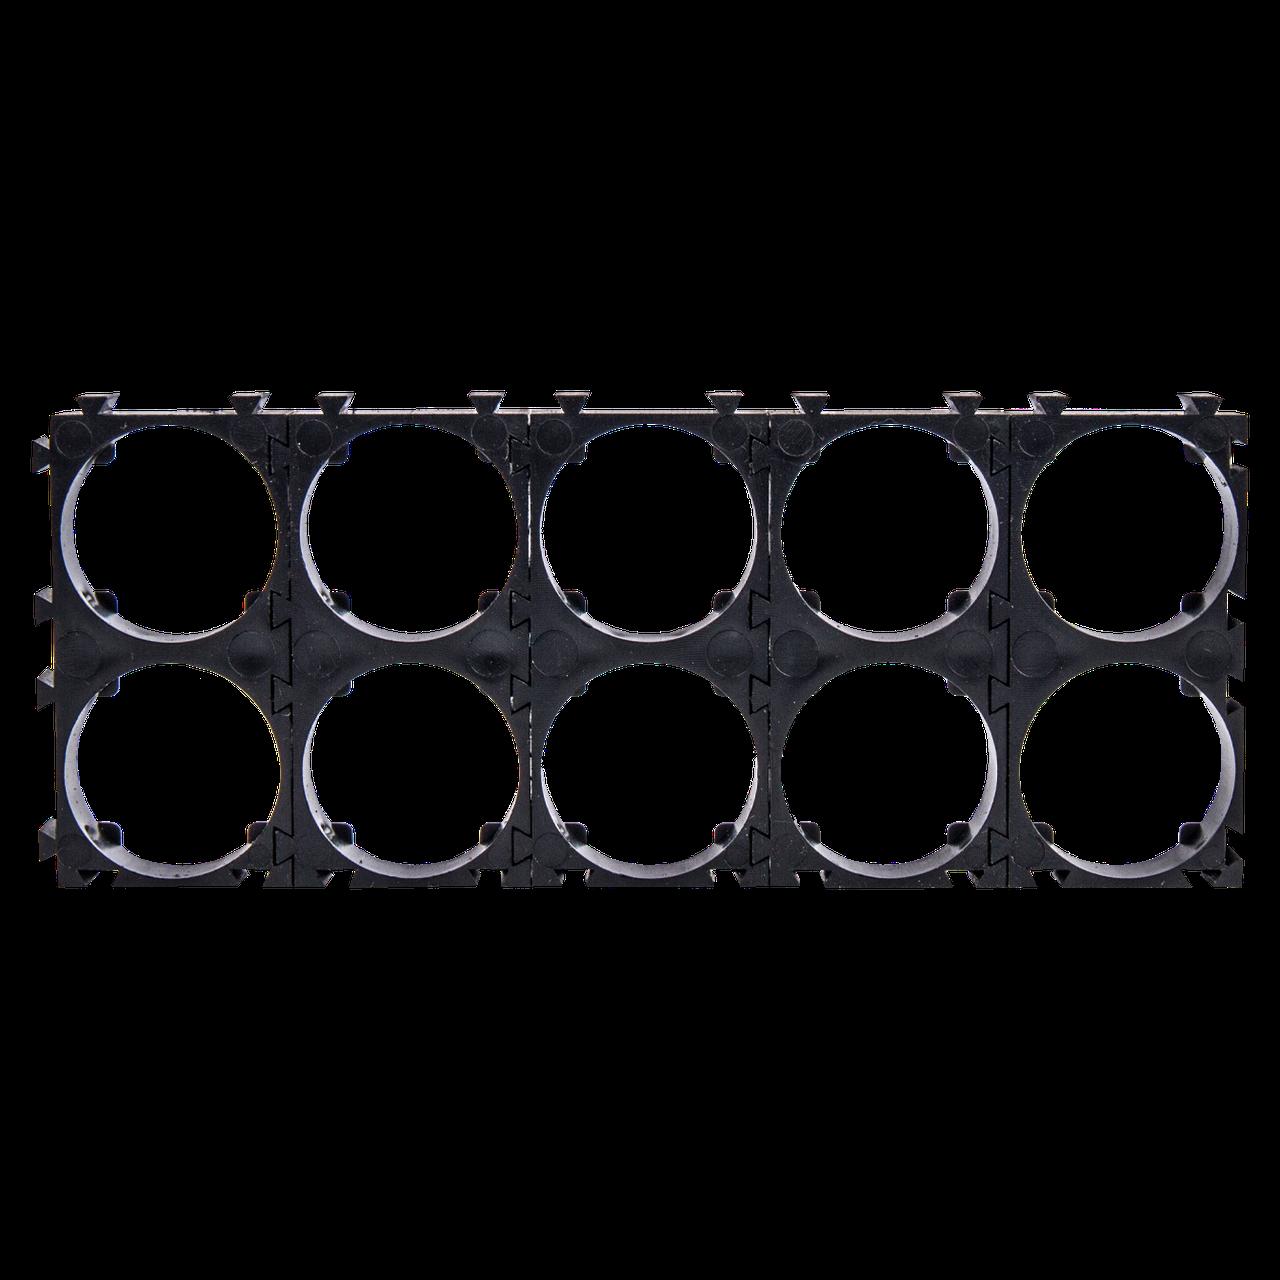 Держатель (кронштейн) аккумуляторного блока 18650 2х5 (10 шт)